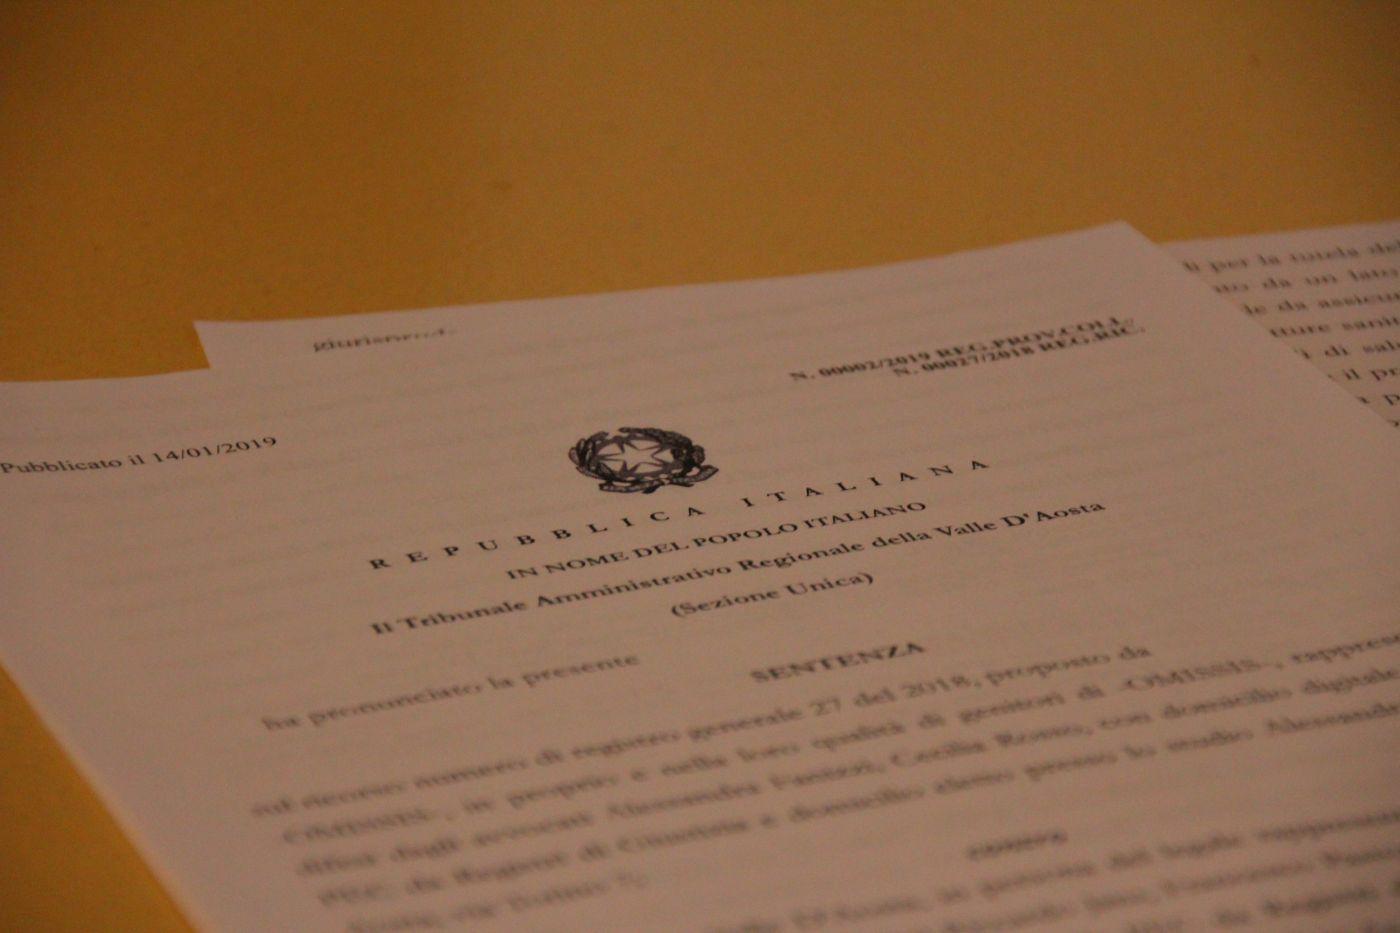 Sentenza del TAR Valle d'Aosta: tutti hanno diritto ad un progetto individuale ai sensi della legge 328/2000